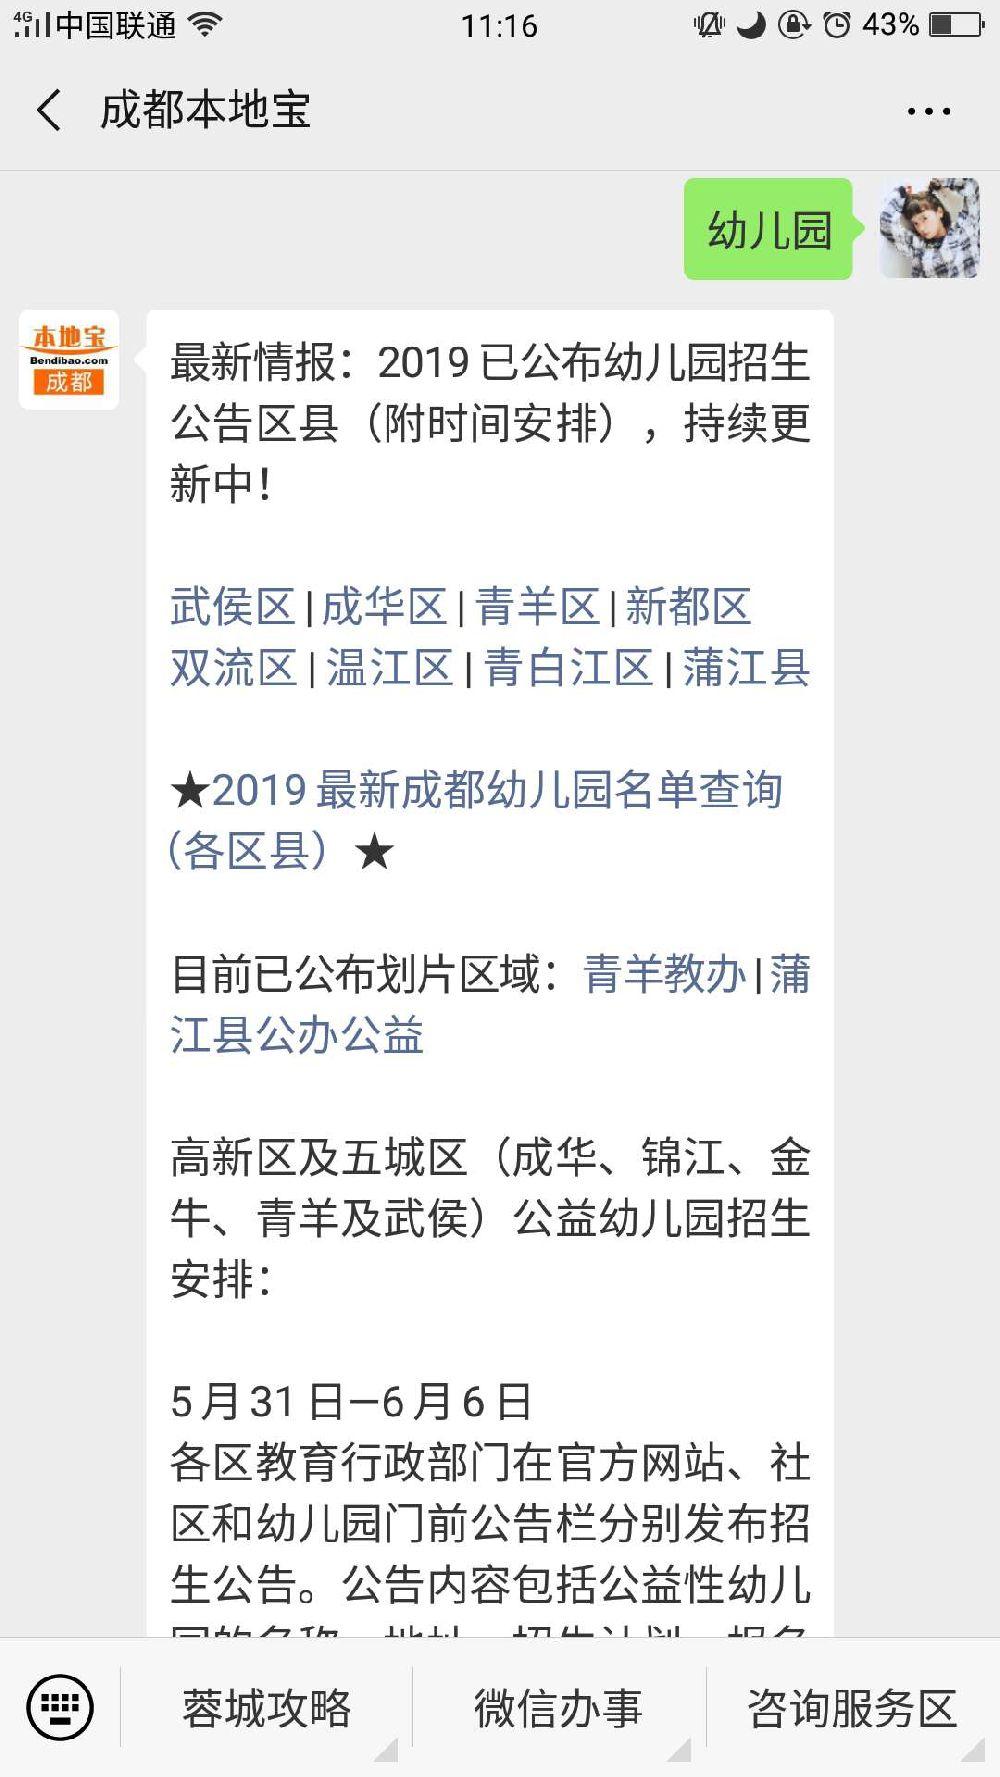 2019成都温江幼儿园指南(名单+问答)